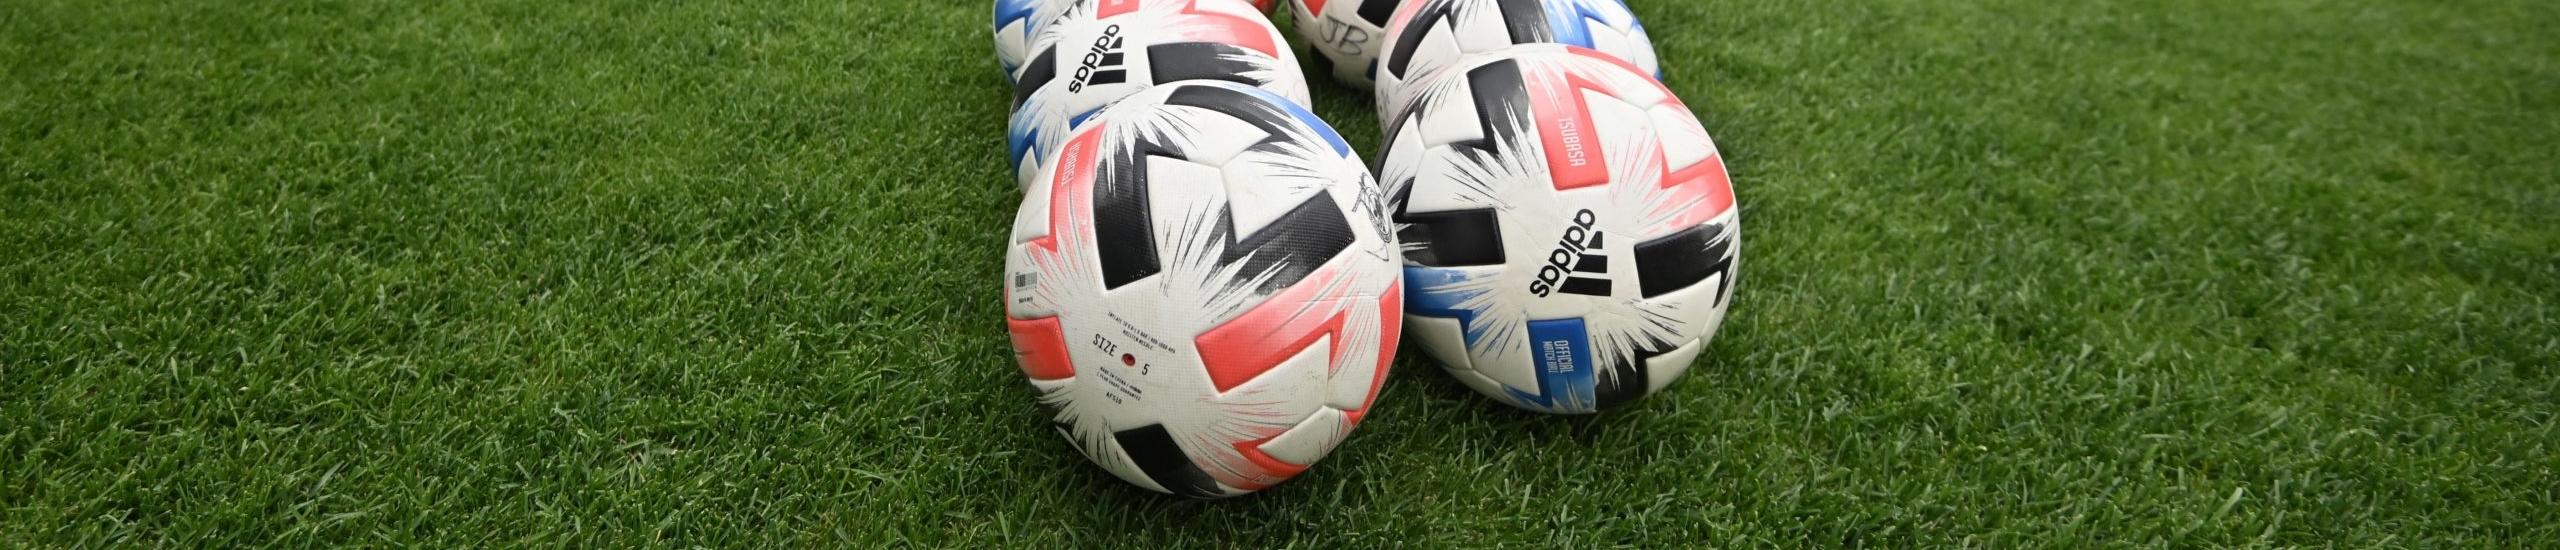 5ª giornata di K League, pronostici e quote: 7 squadre in 3 punti, chi emergerà?